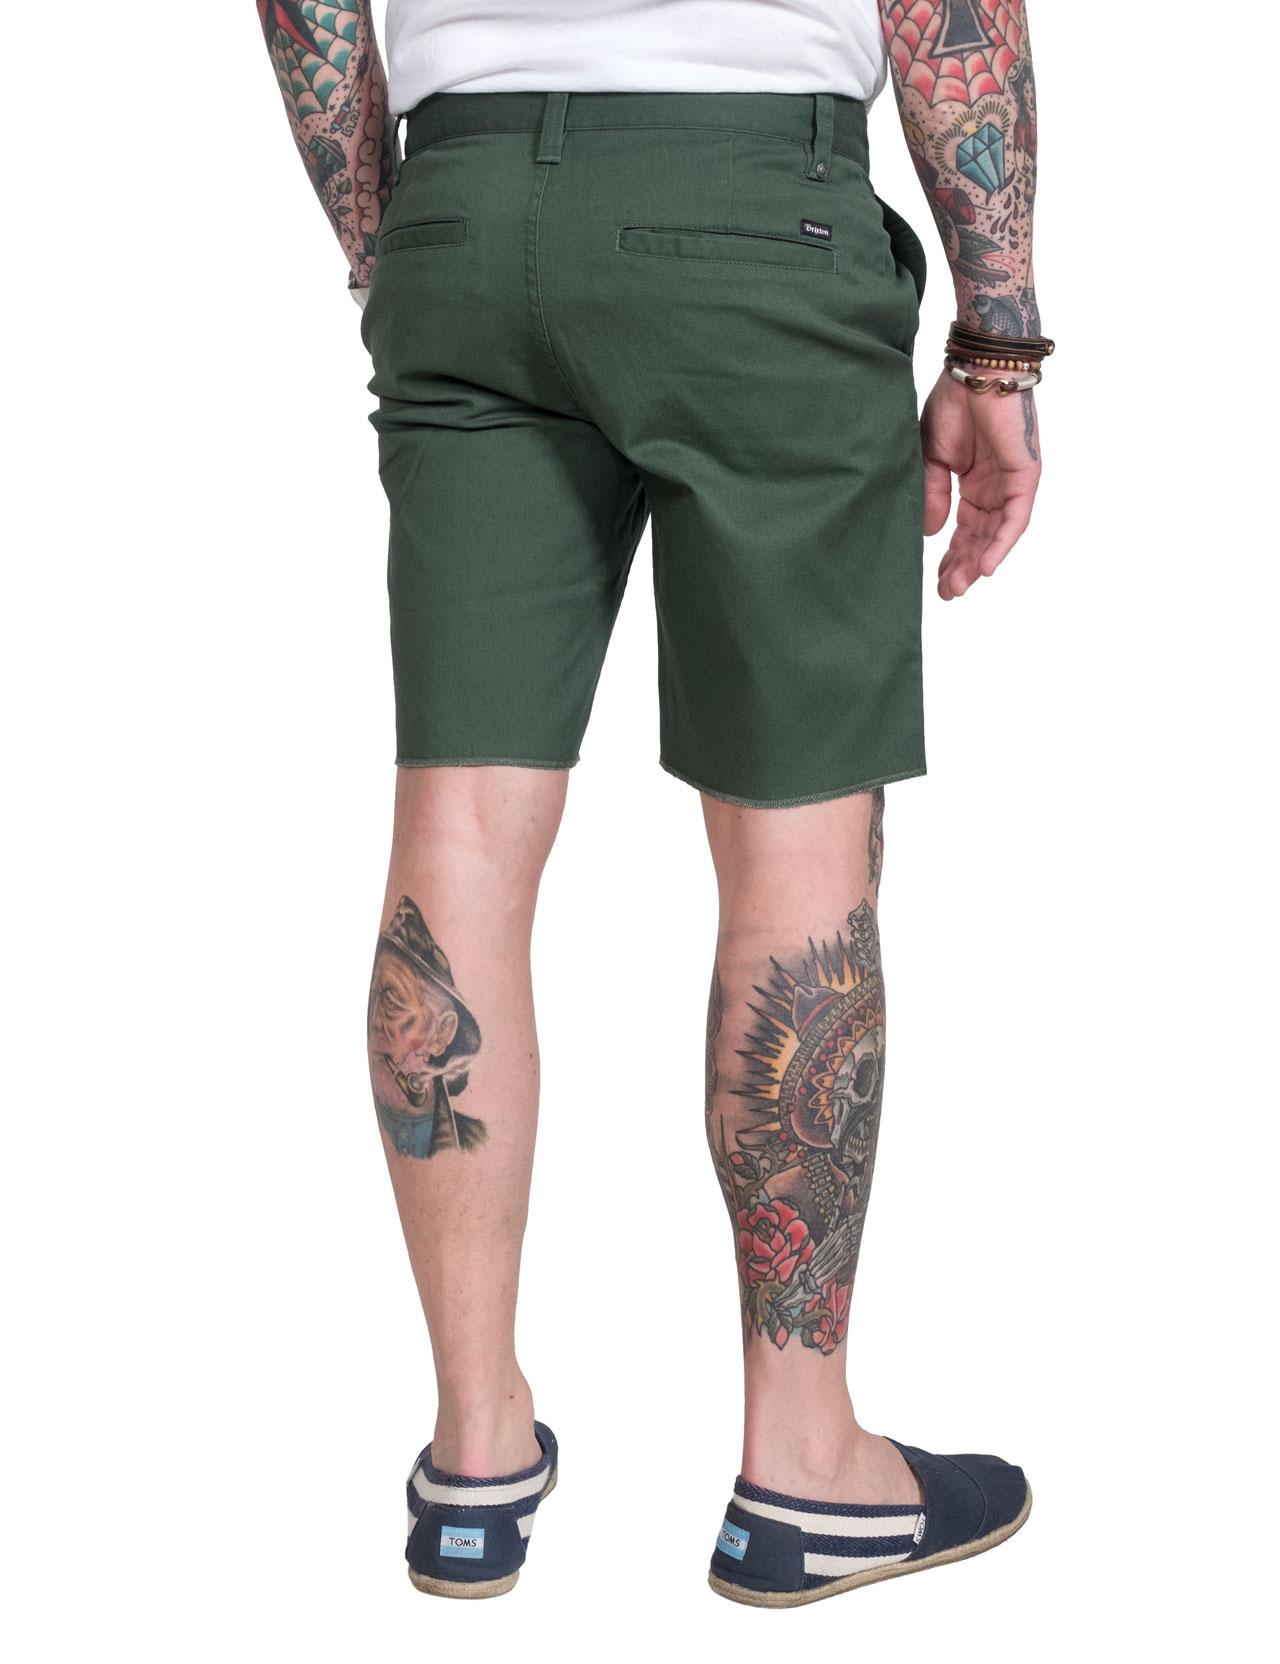 Brixton - Toil II Shorts - Chive a64dd228120